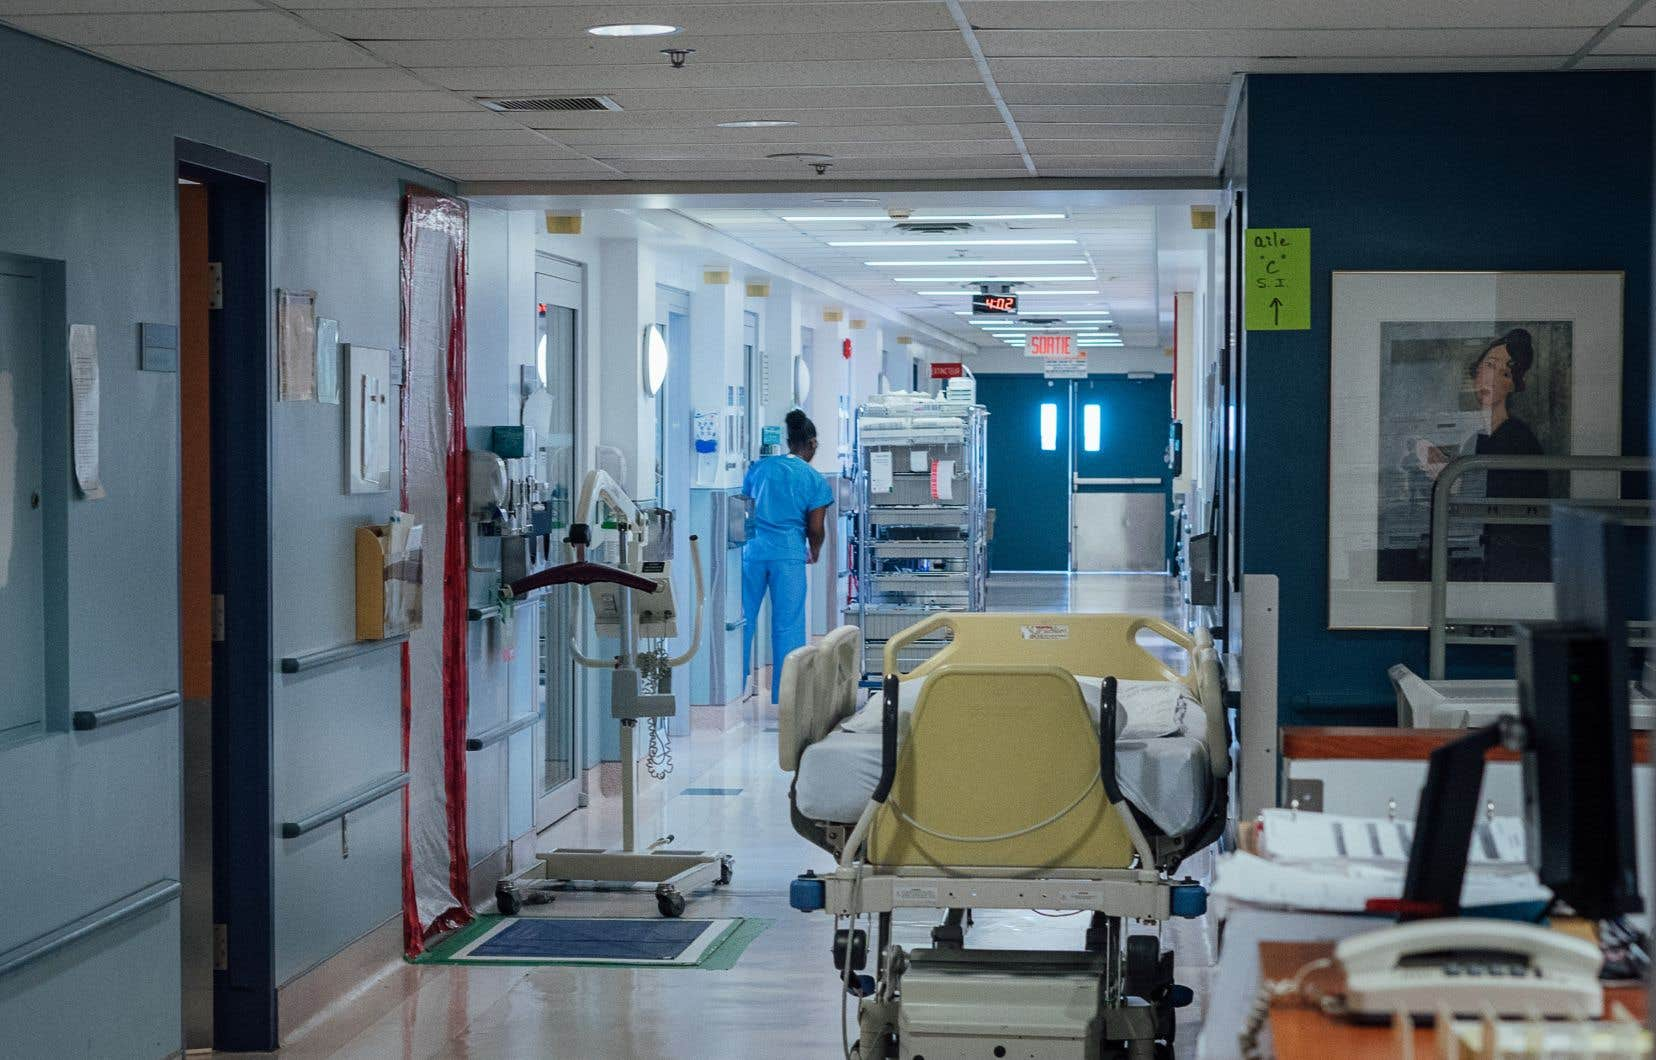 Elles sont présentement en observation dans des hôpitaux de Montréal et Québec.